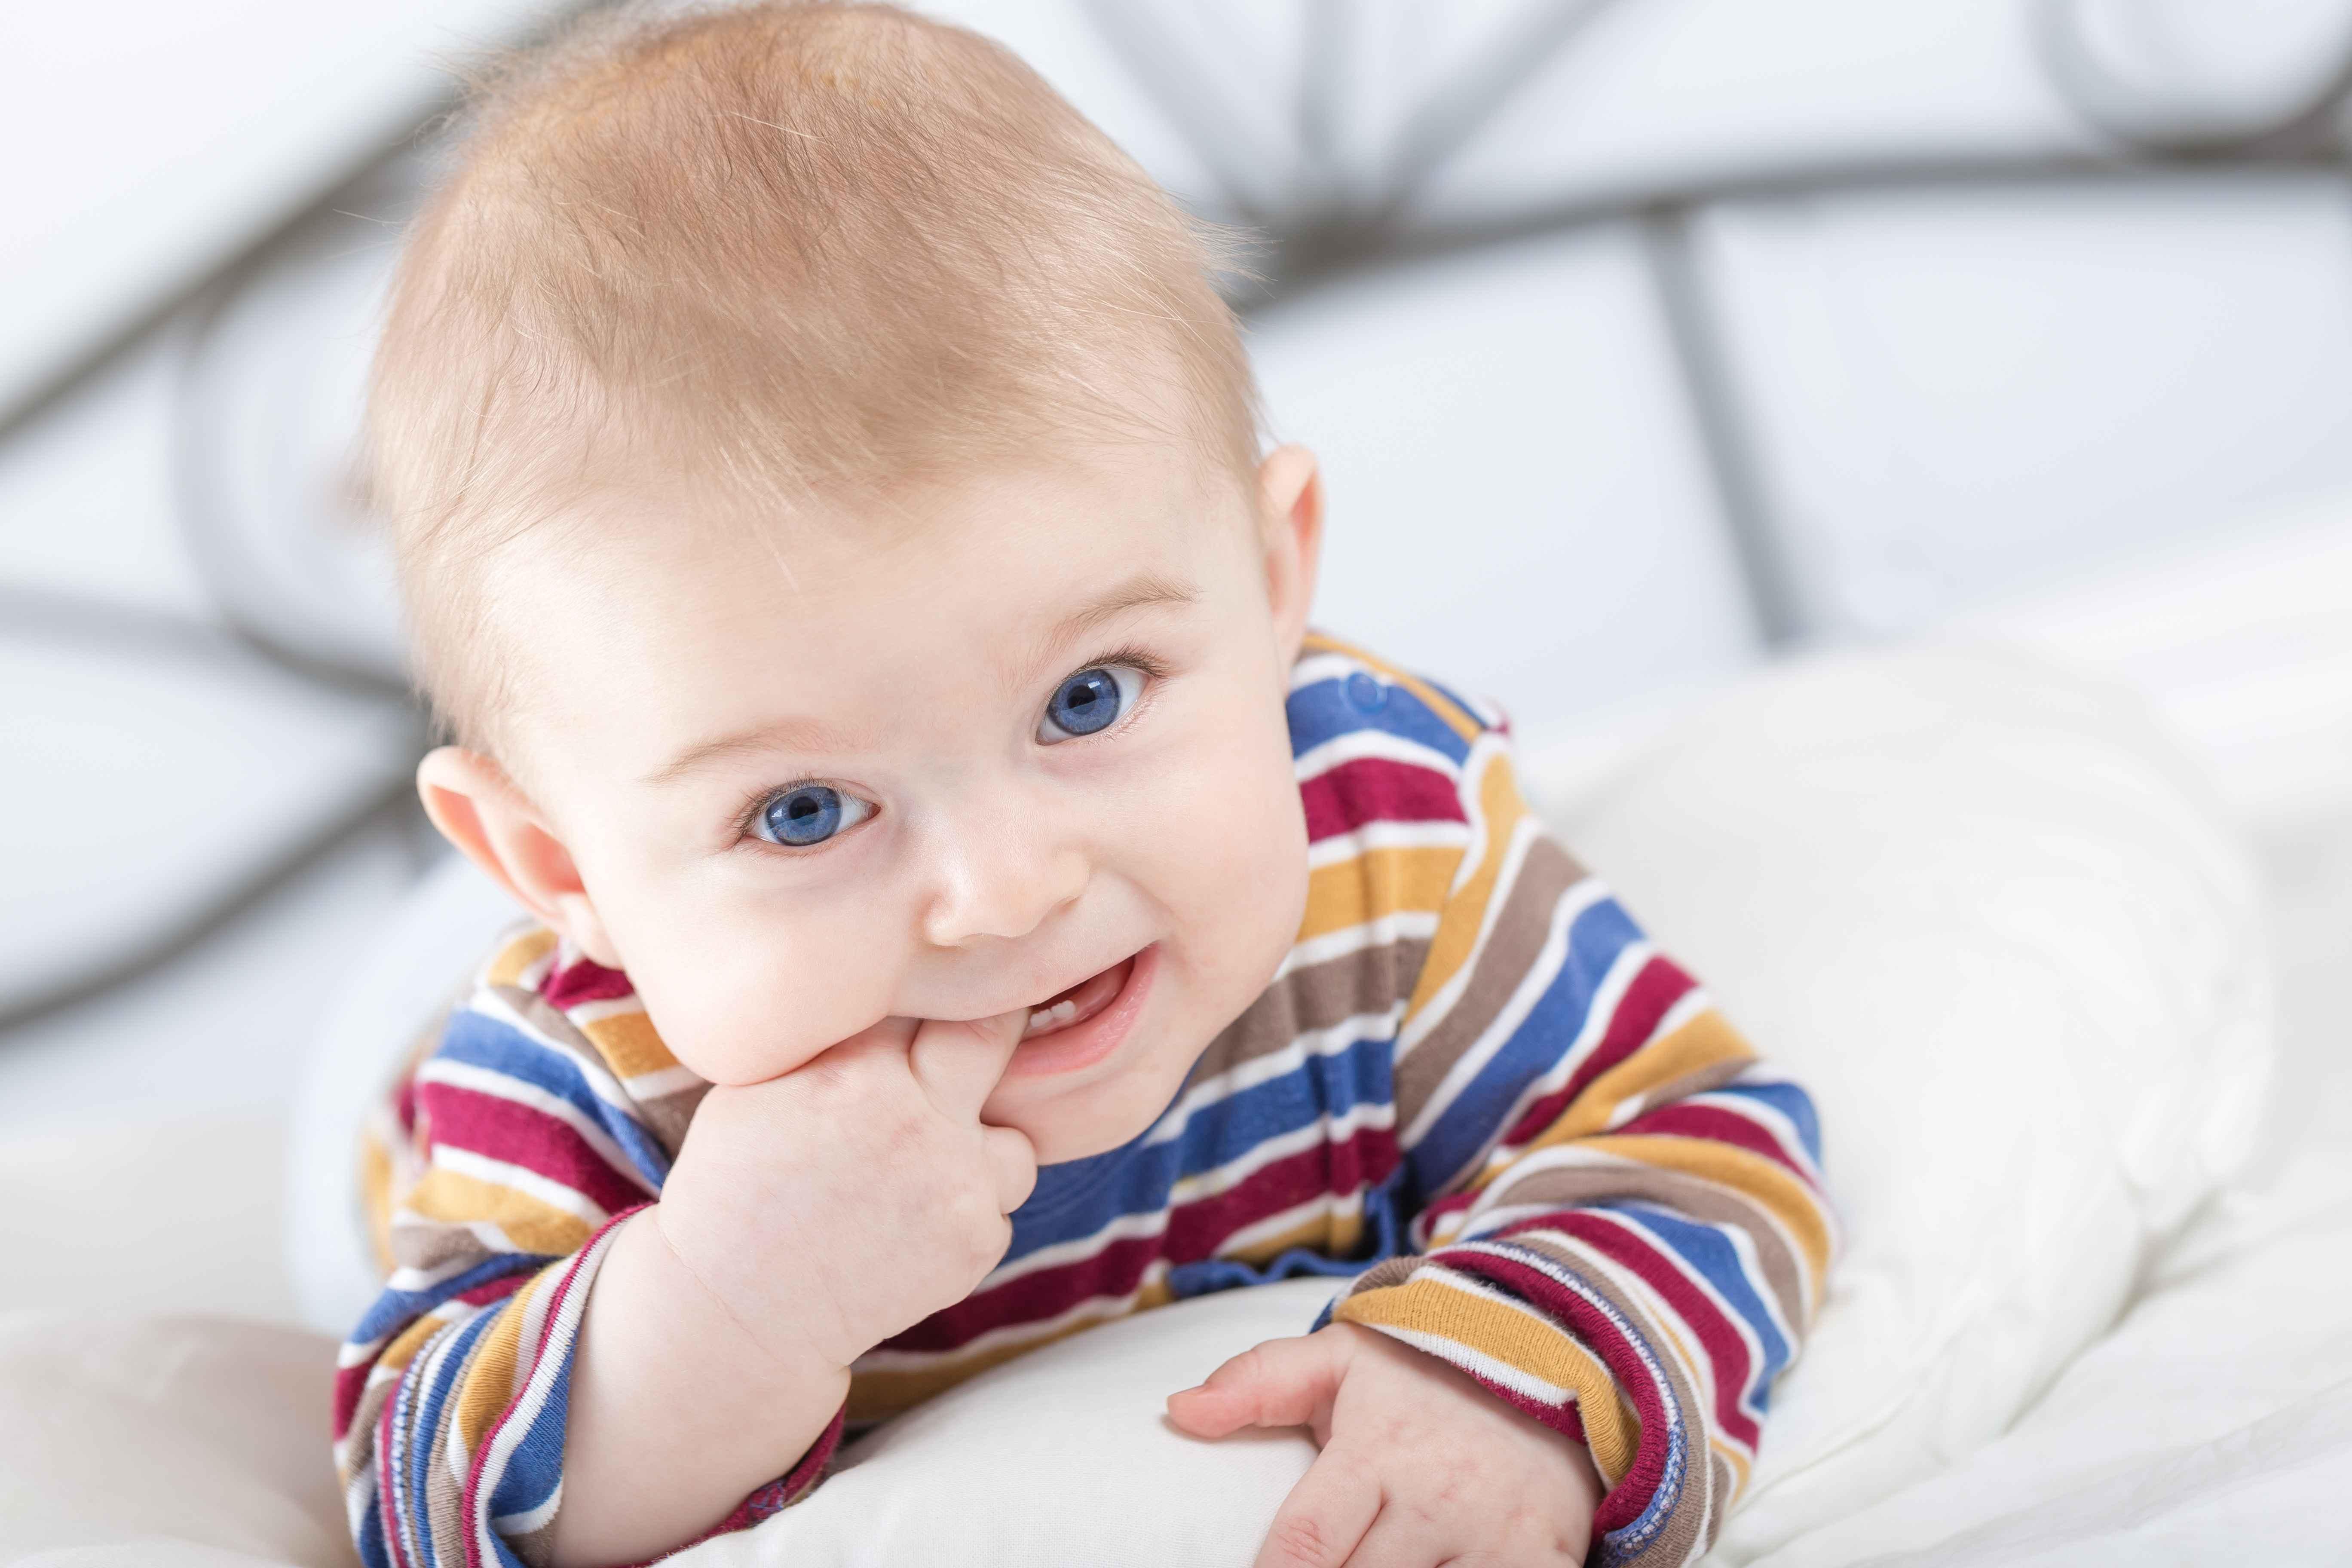 宝宝拉肚子就是腹泻?妈妈请了解清楚再做确定!